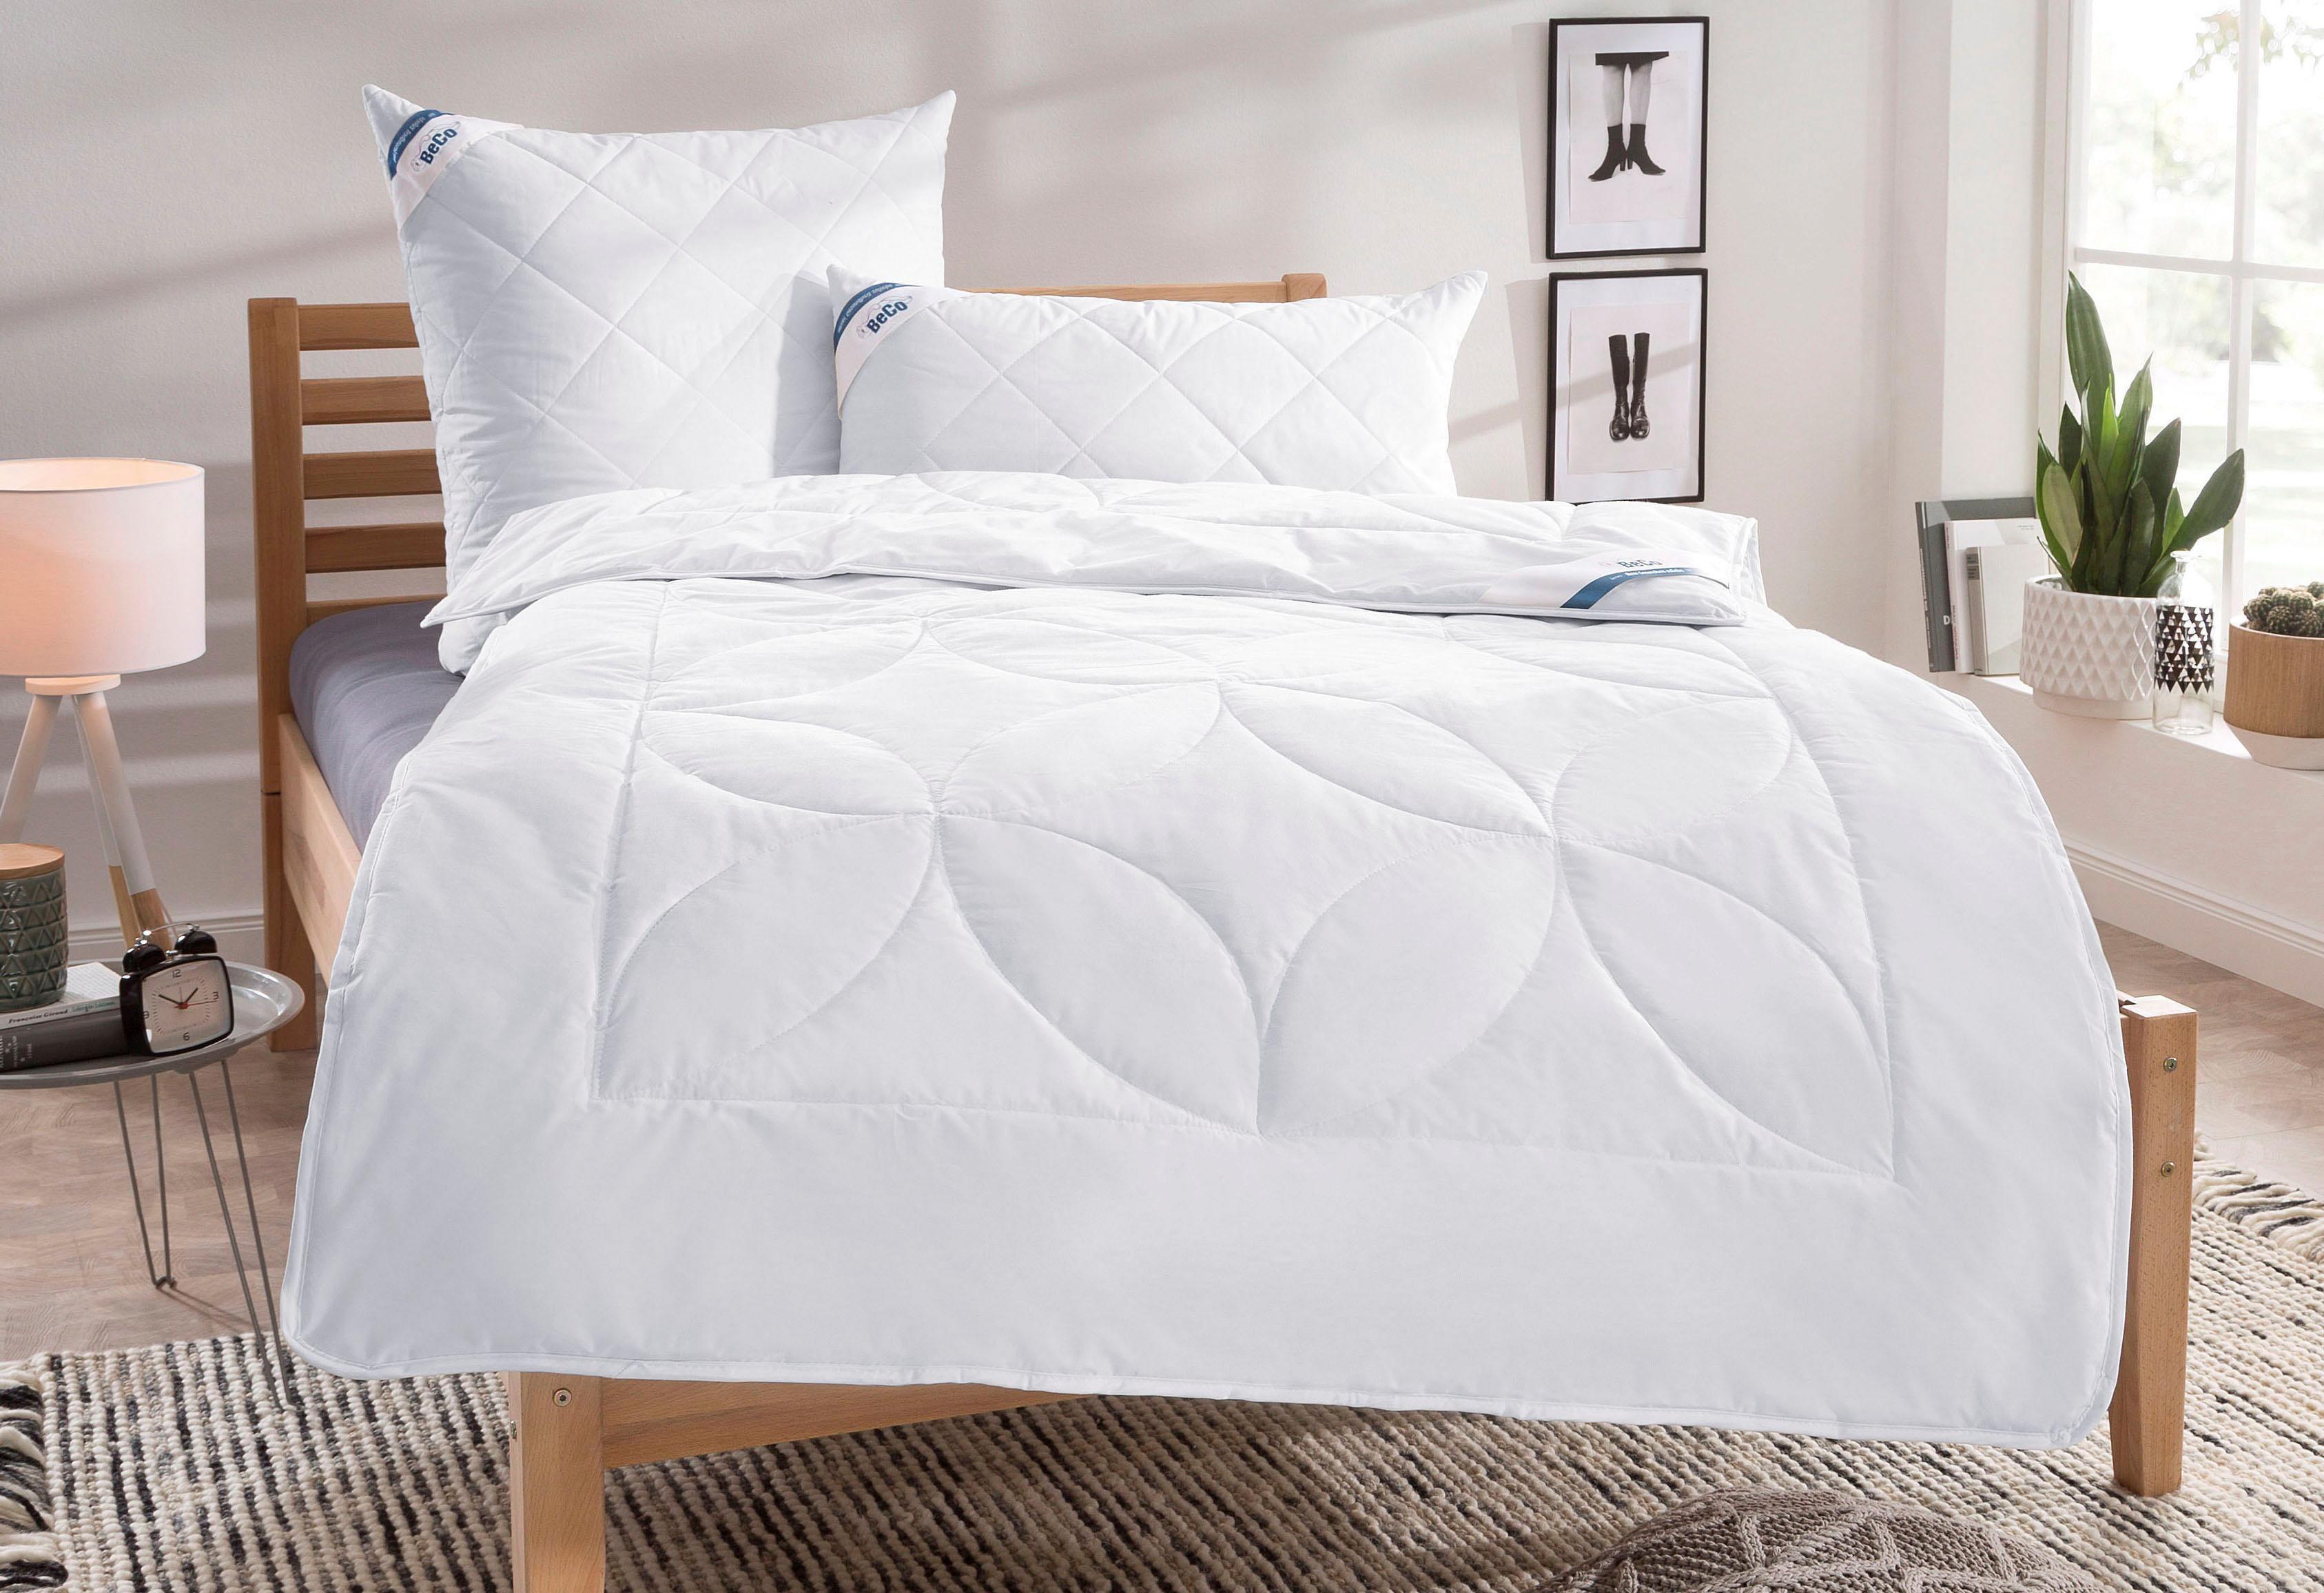 Naturfaserbettdecke, »Schurwolle 100«, Beco, leicht, Füllung: 100% Schurwolle, Bezug: 100% Baumwolle | Heimtextilien > Decken und Kissen > Bettdecken | Schurwolle | Beco